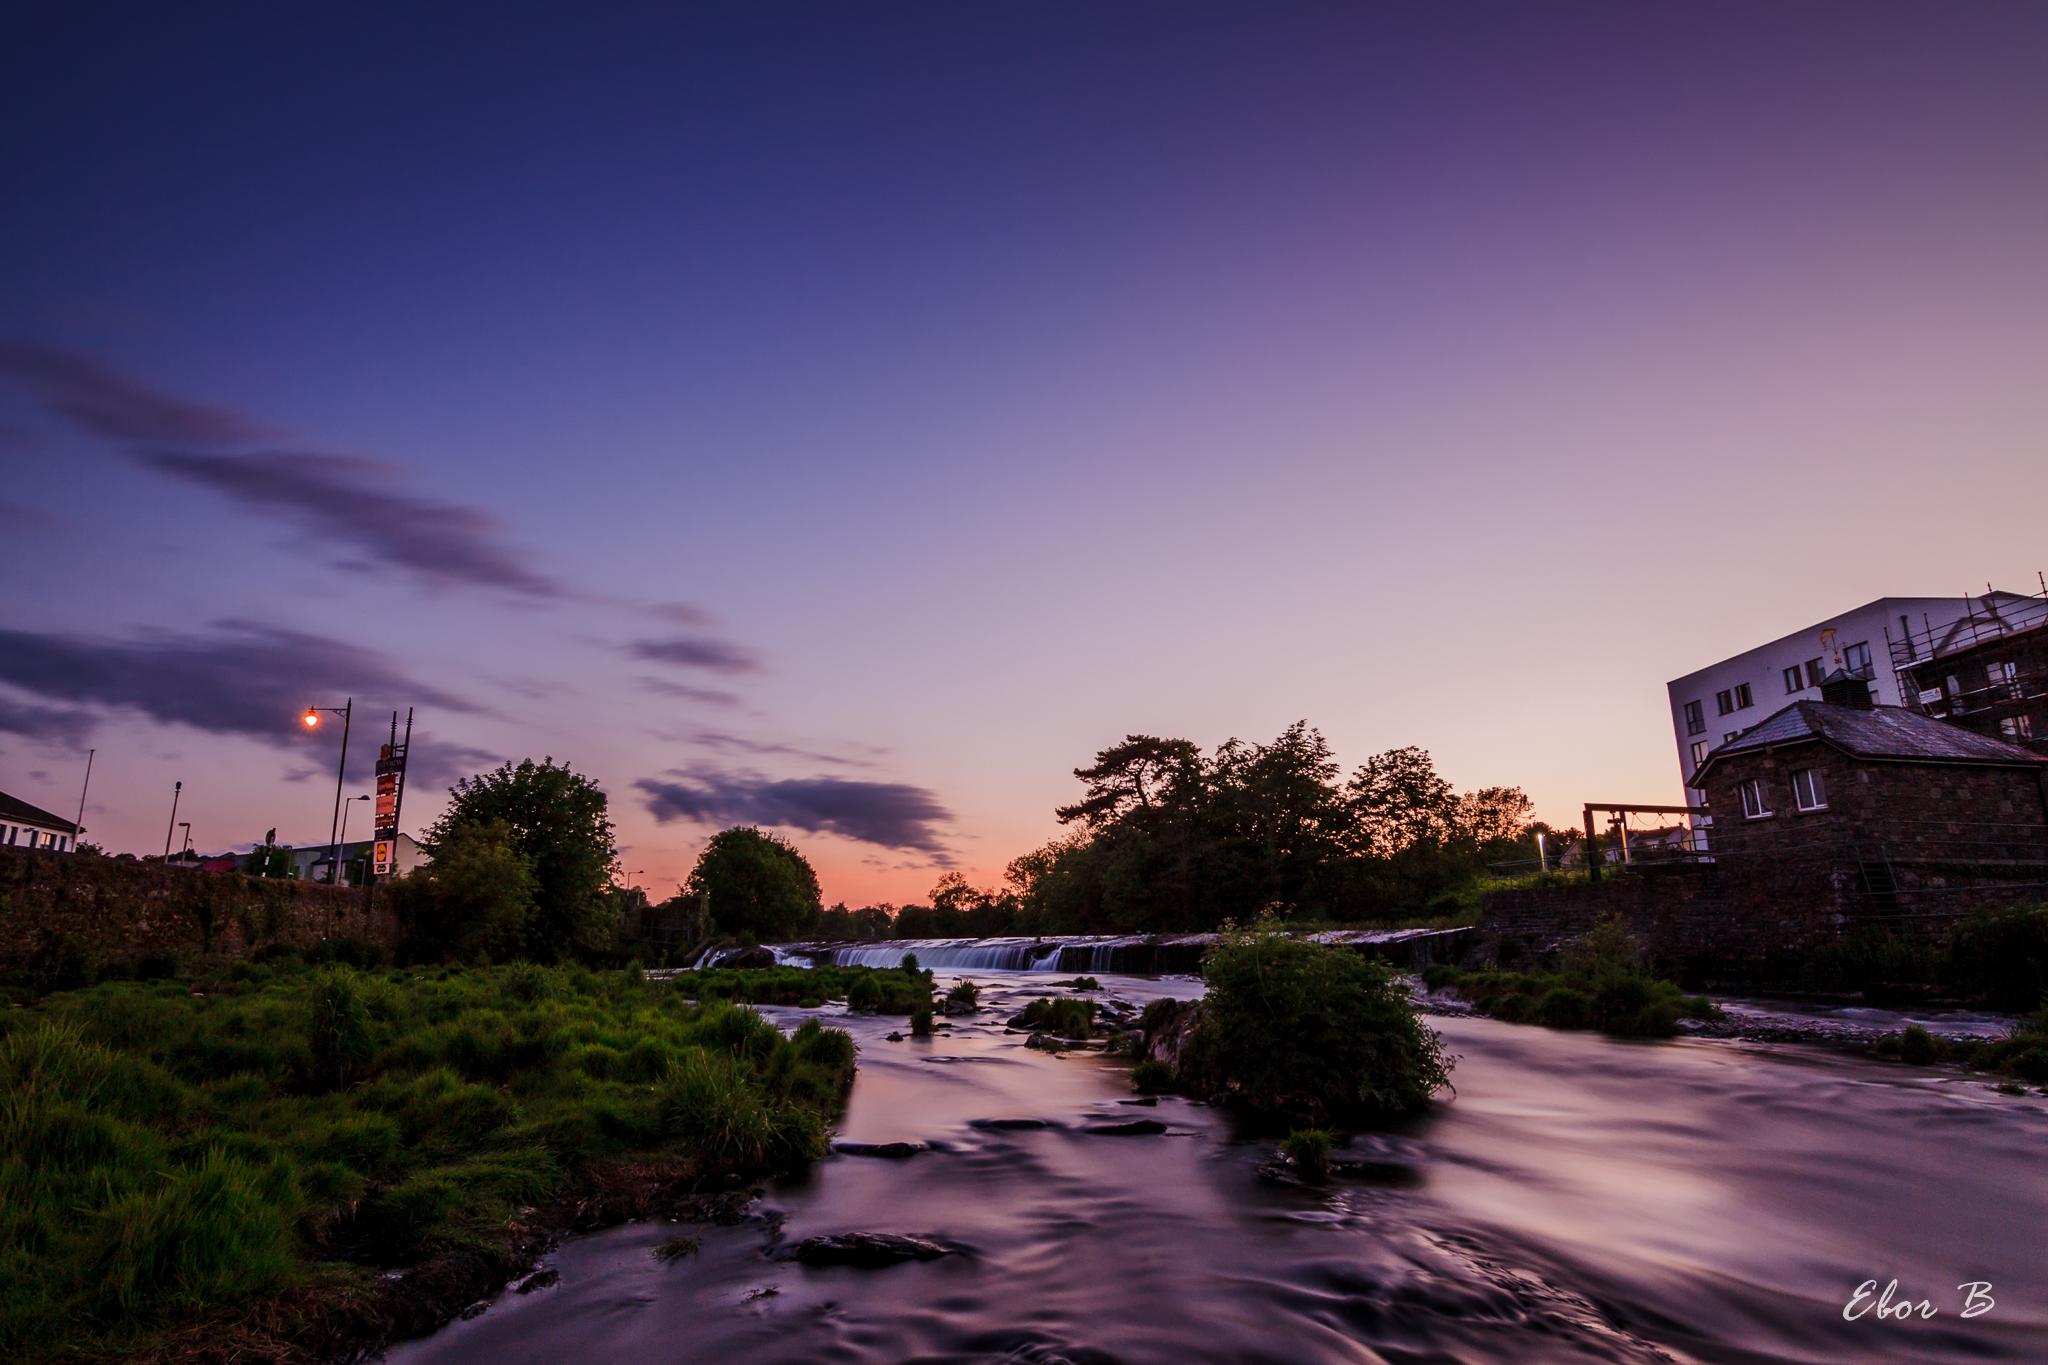 'The Weir'